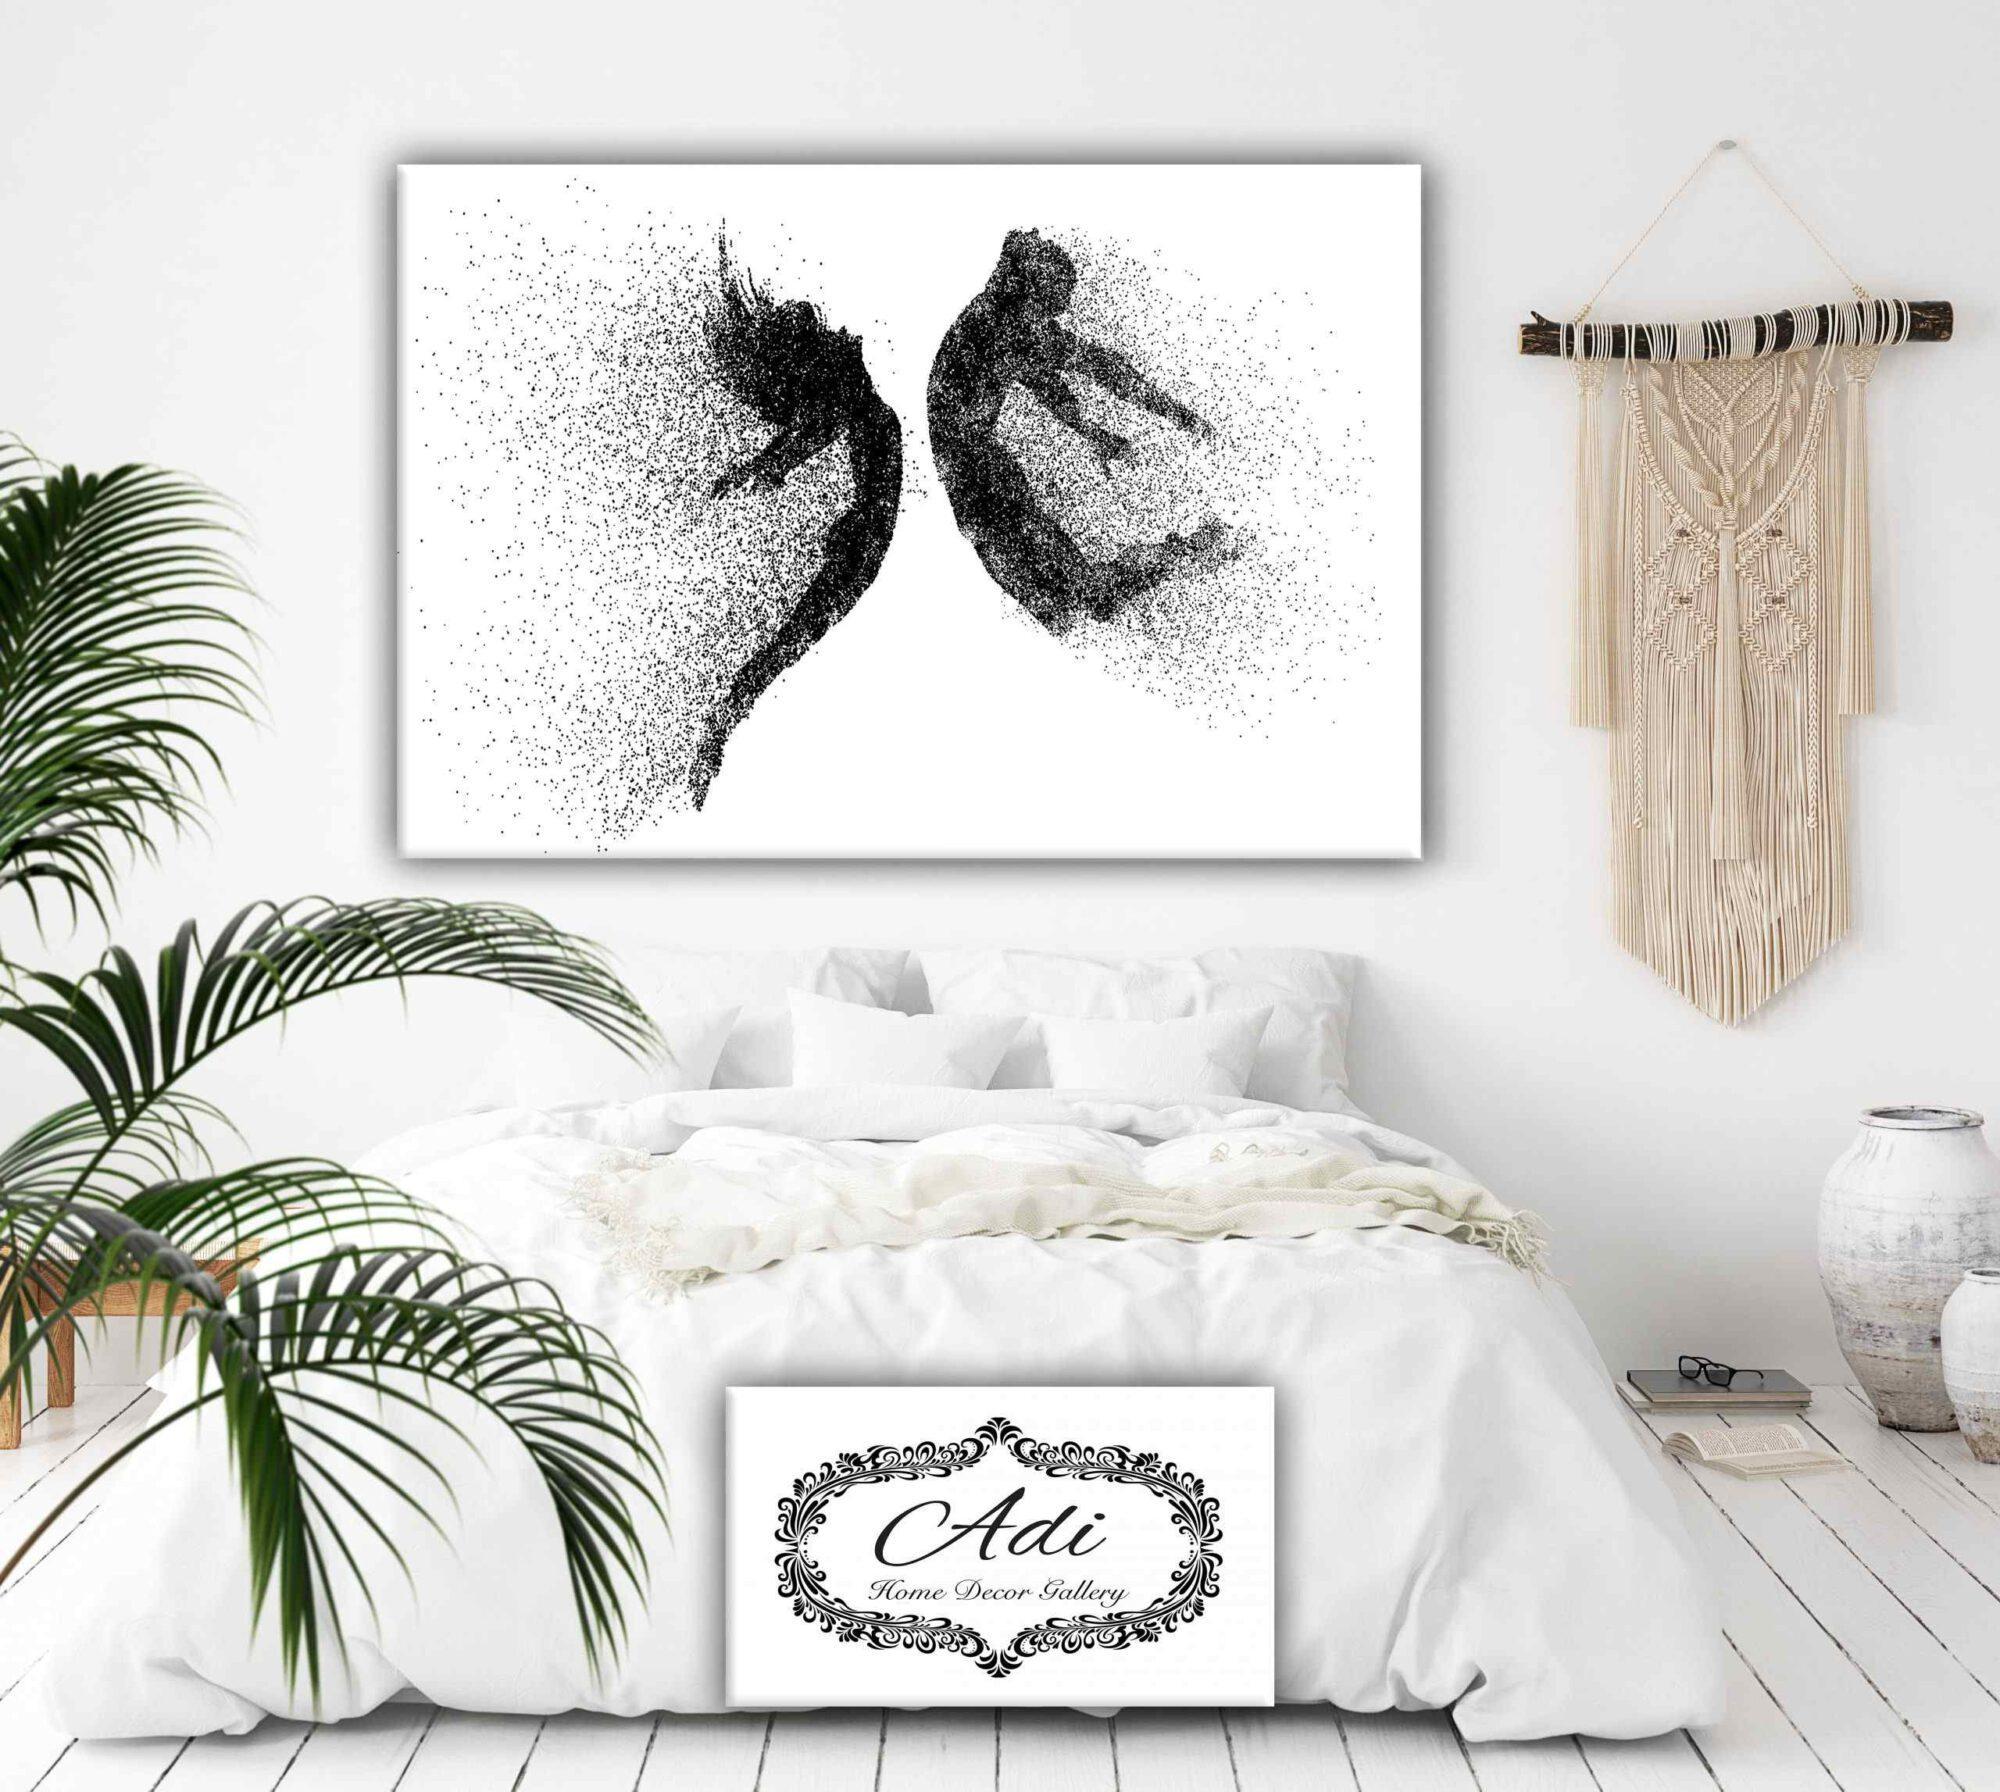 תמונות מינימליסטיות לסלון: 3 עיצובים מרשימים מבית הגלריה של עדי